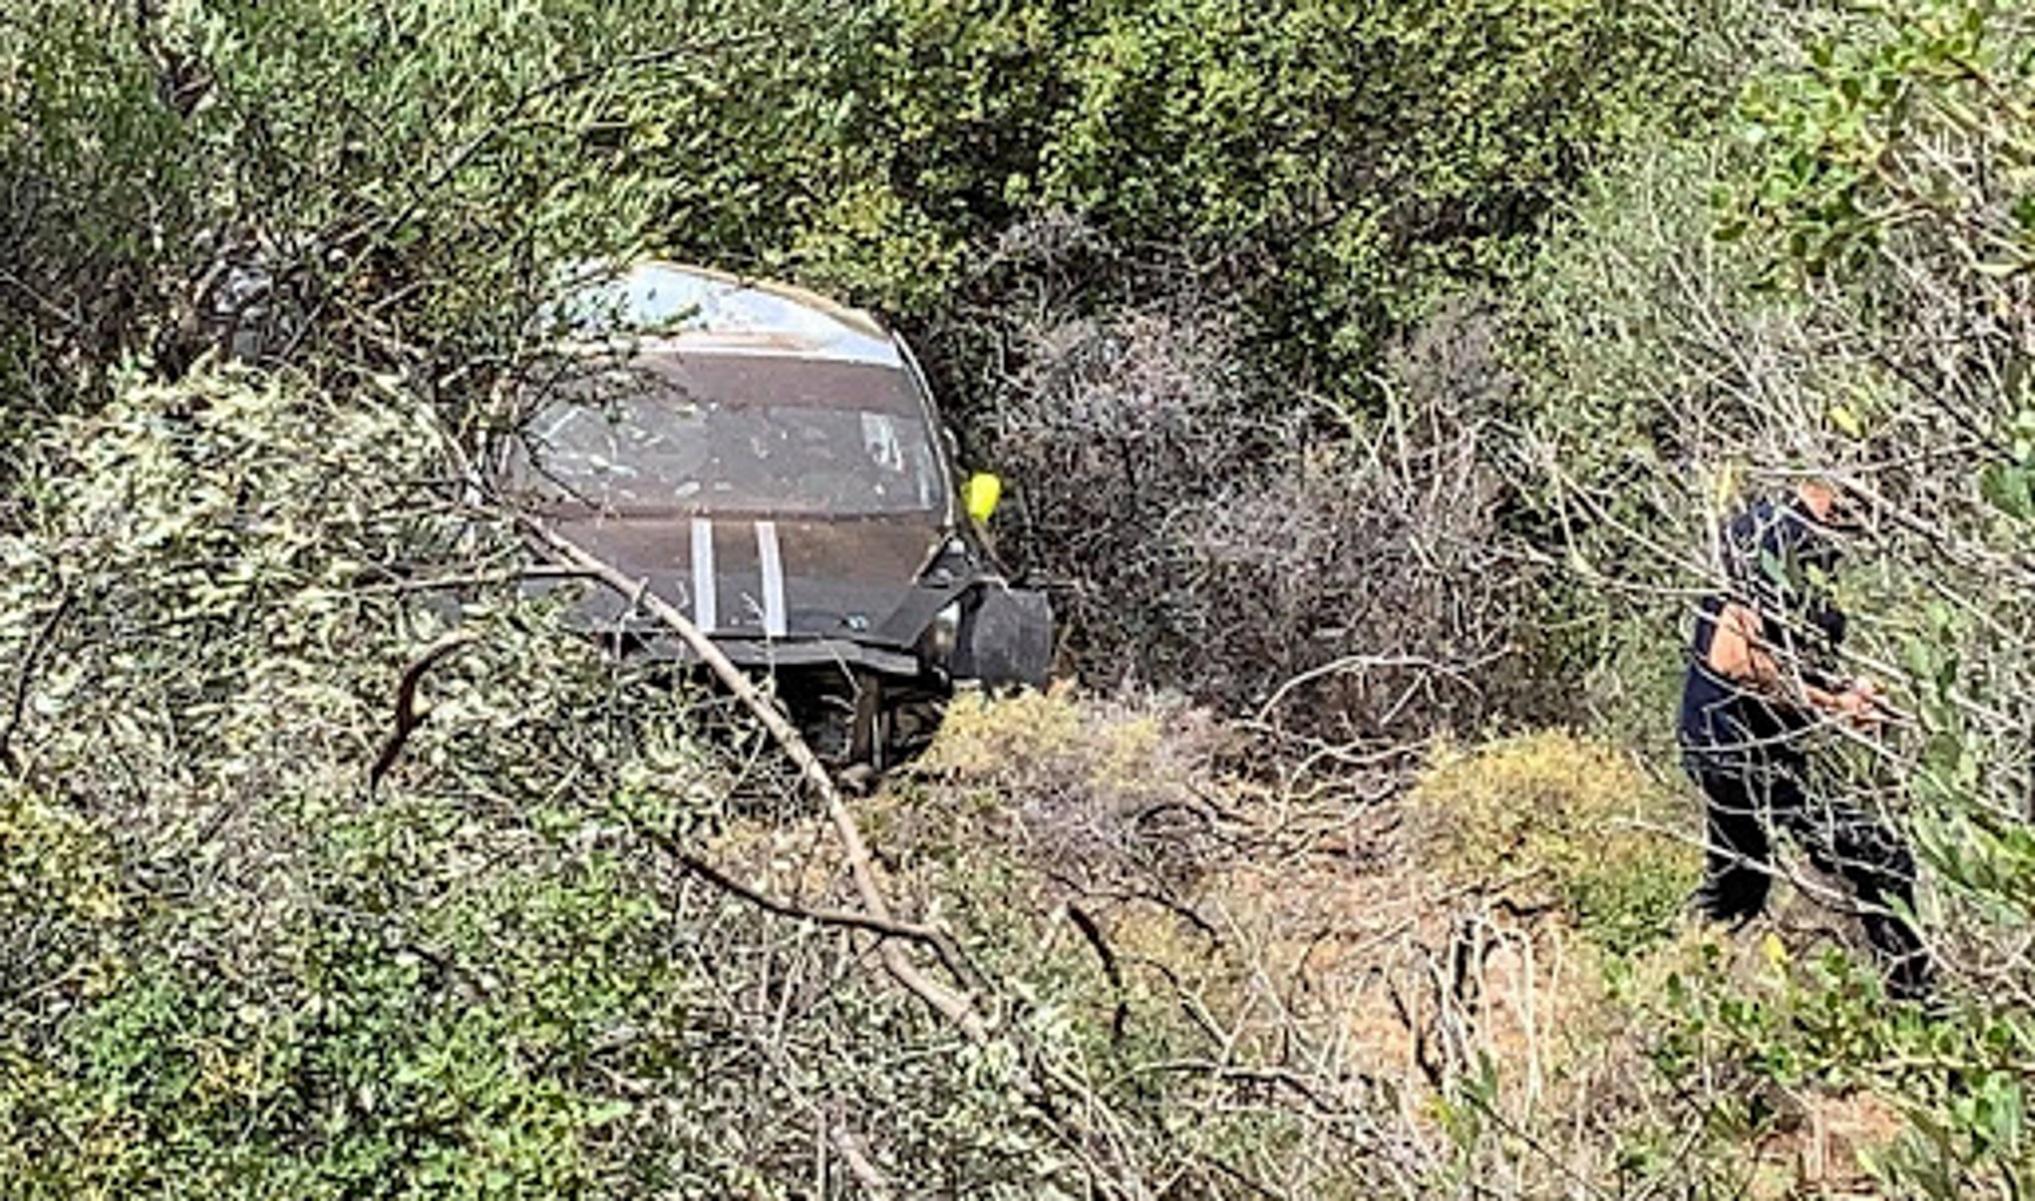 Αργολίδα: Οδηγός αγωνιστικού έκανε δοκιμές και έπεσε σε γκρεμό (pics)